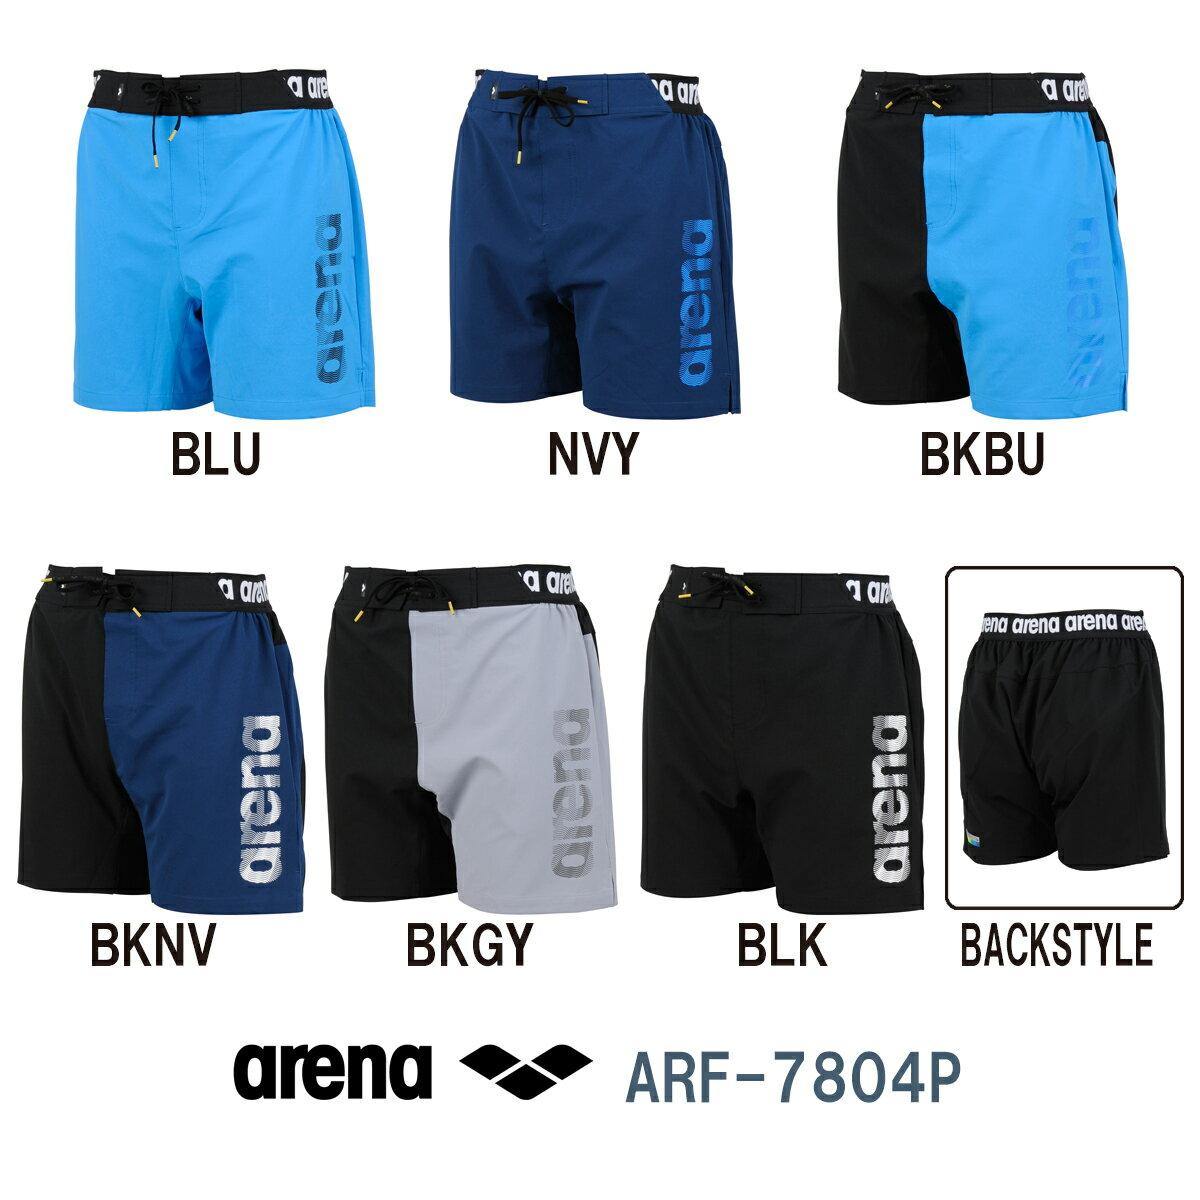 【ARF-7804P】ARENA(アリーナ) ストレッチクロス ショートパンツ[トレーニングウェア/アパレル/撥水]